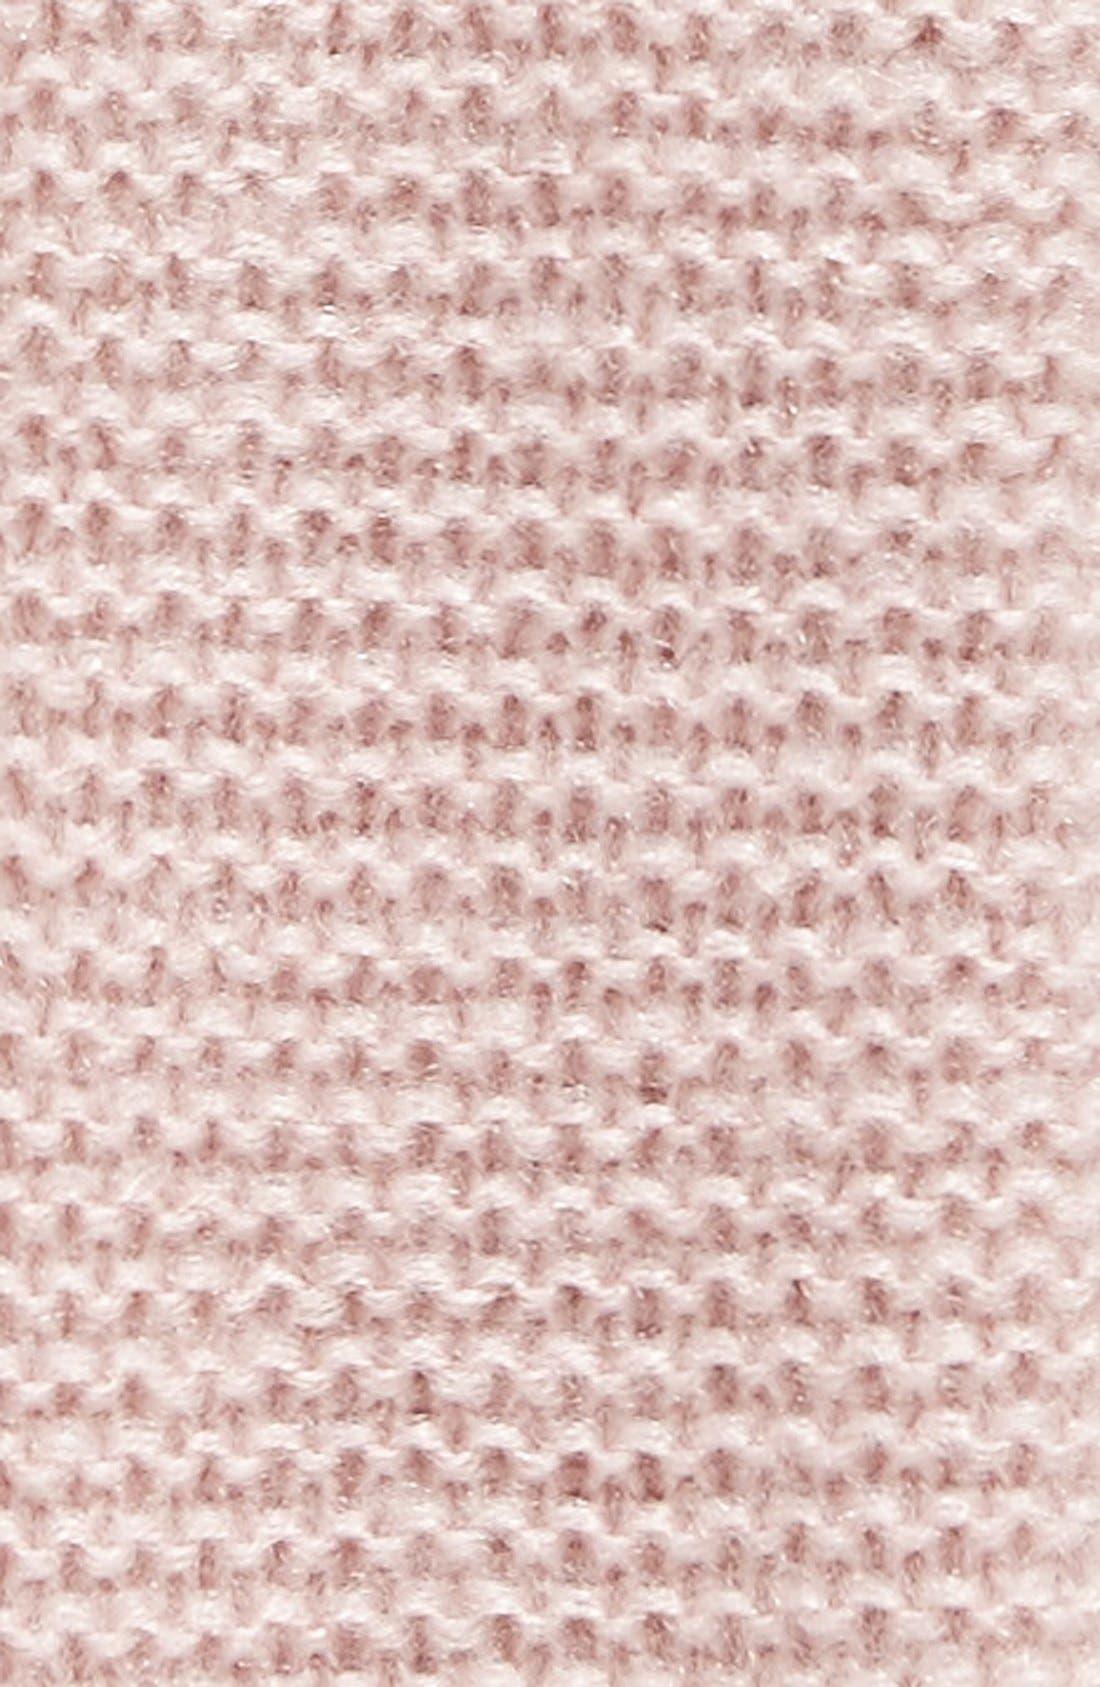 Garter Stitch Fingerless Gloves,                             Alternate thumbnail 14, color,